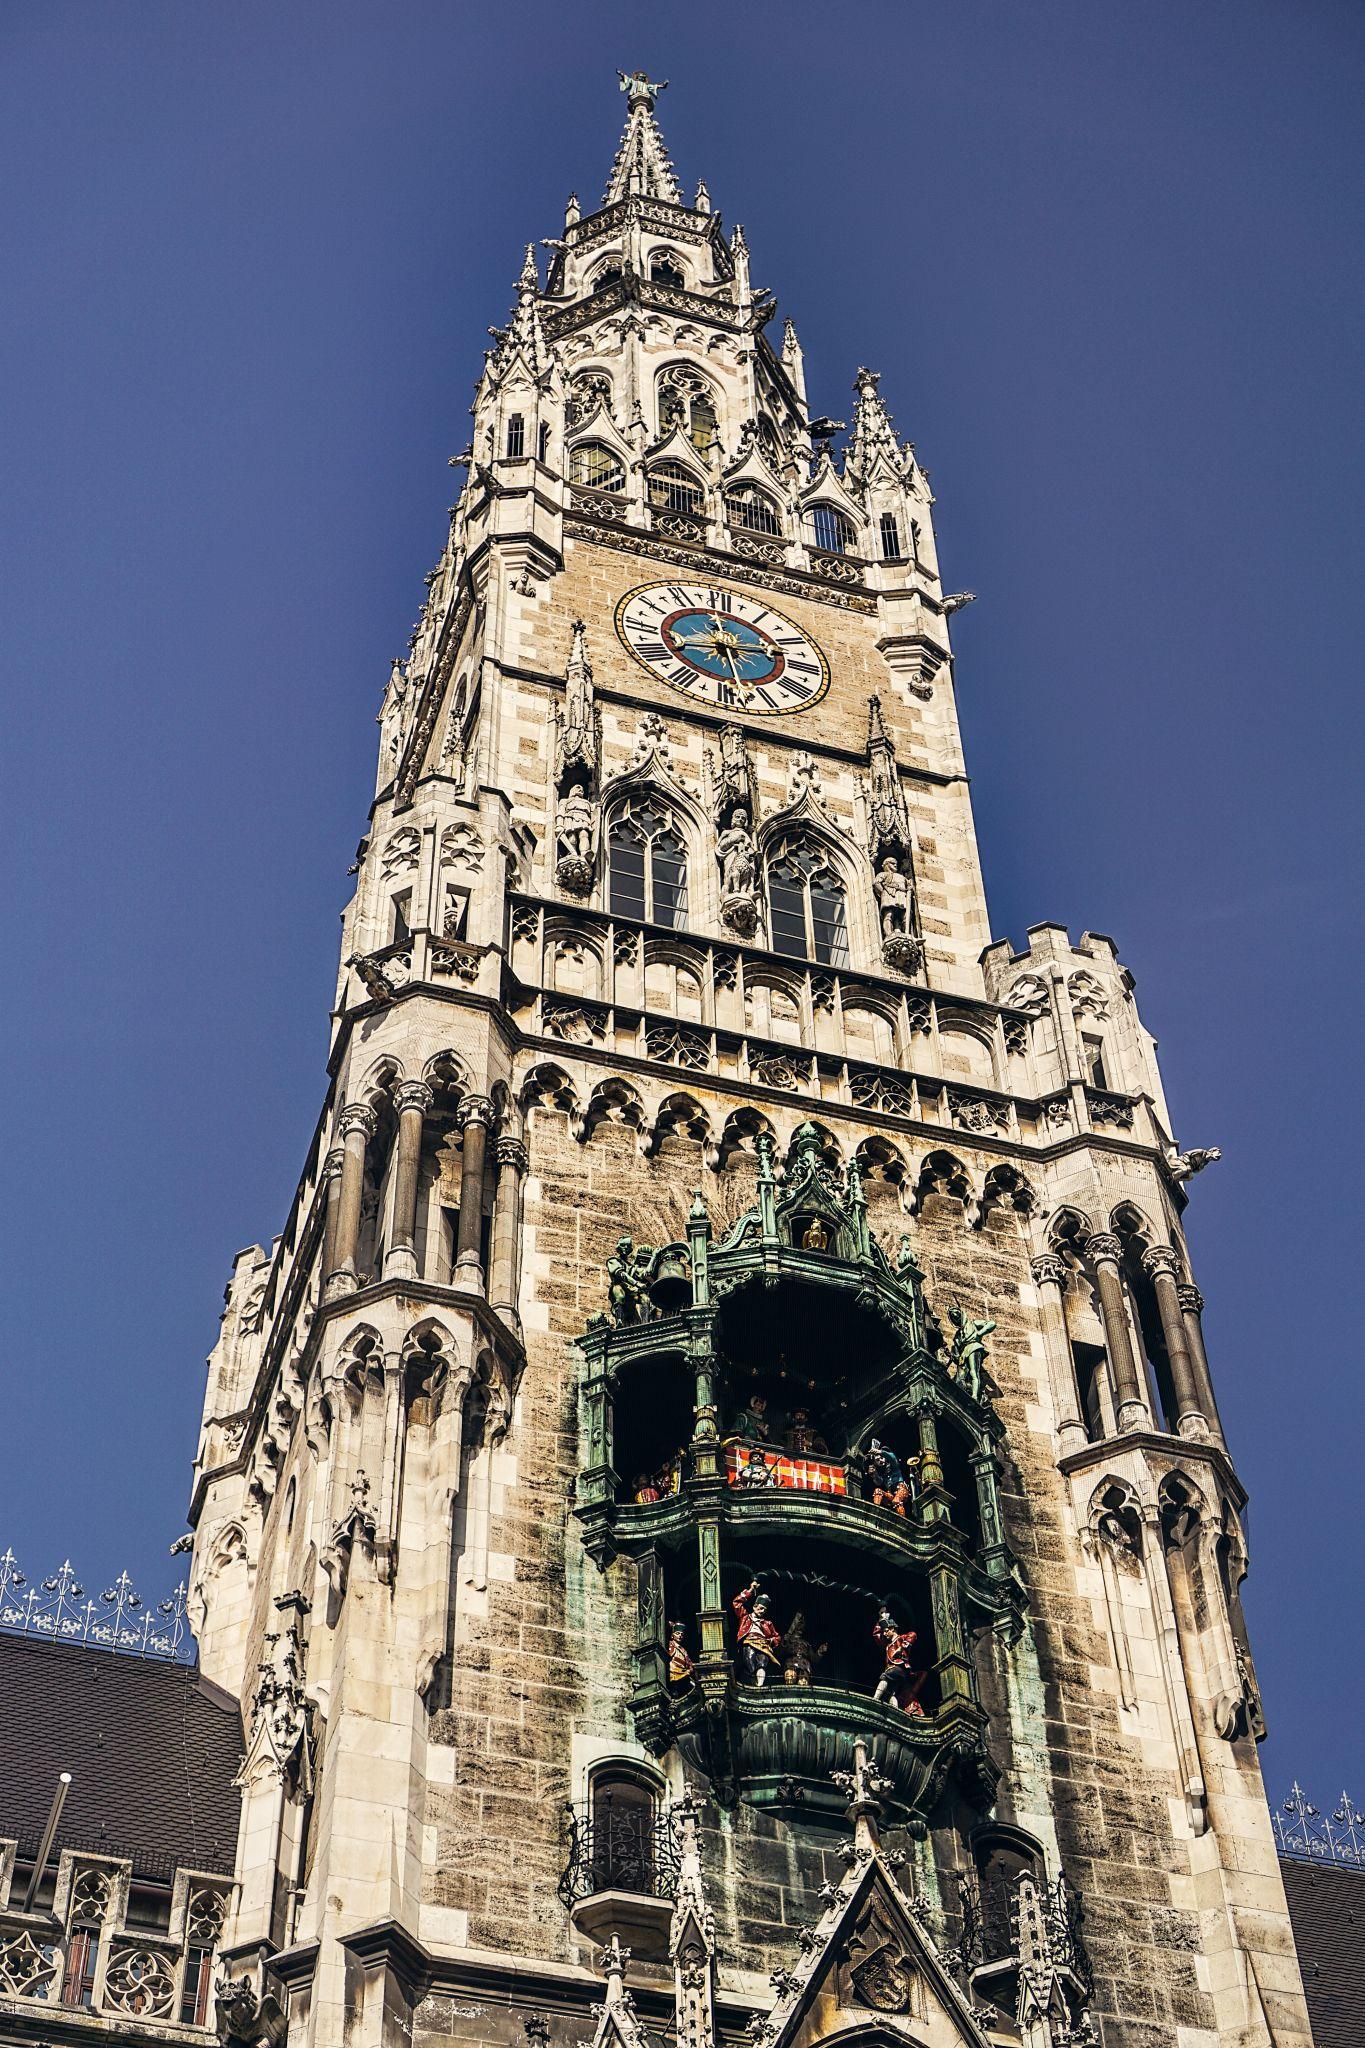 Das Glockenspiel im Münchner Rathausturm